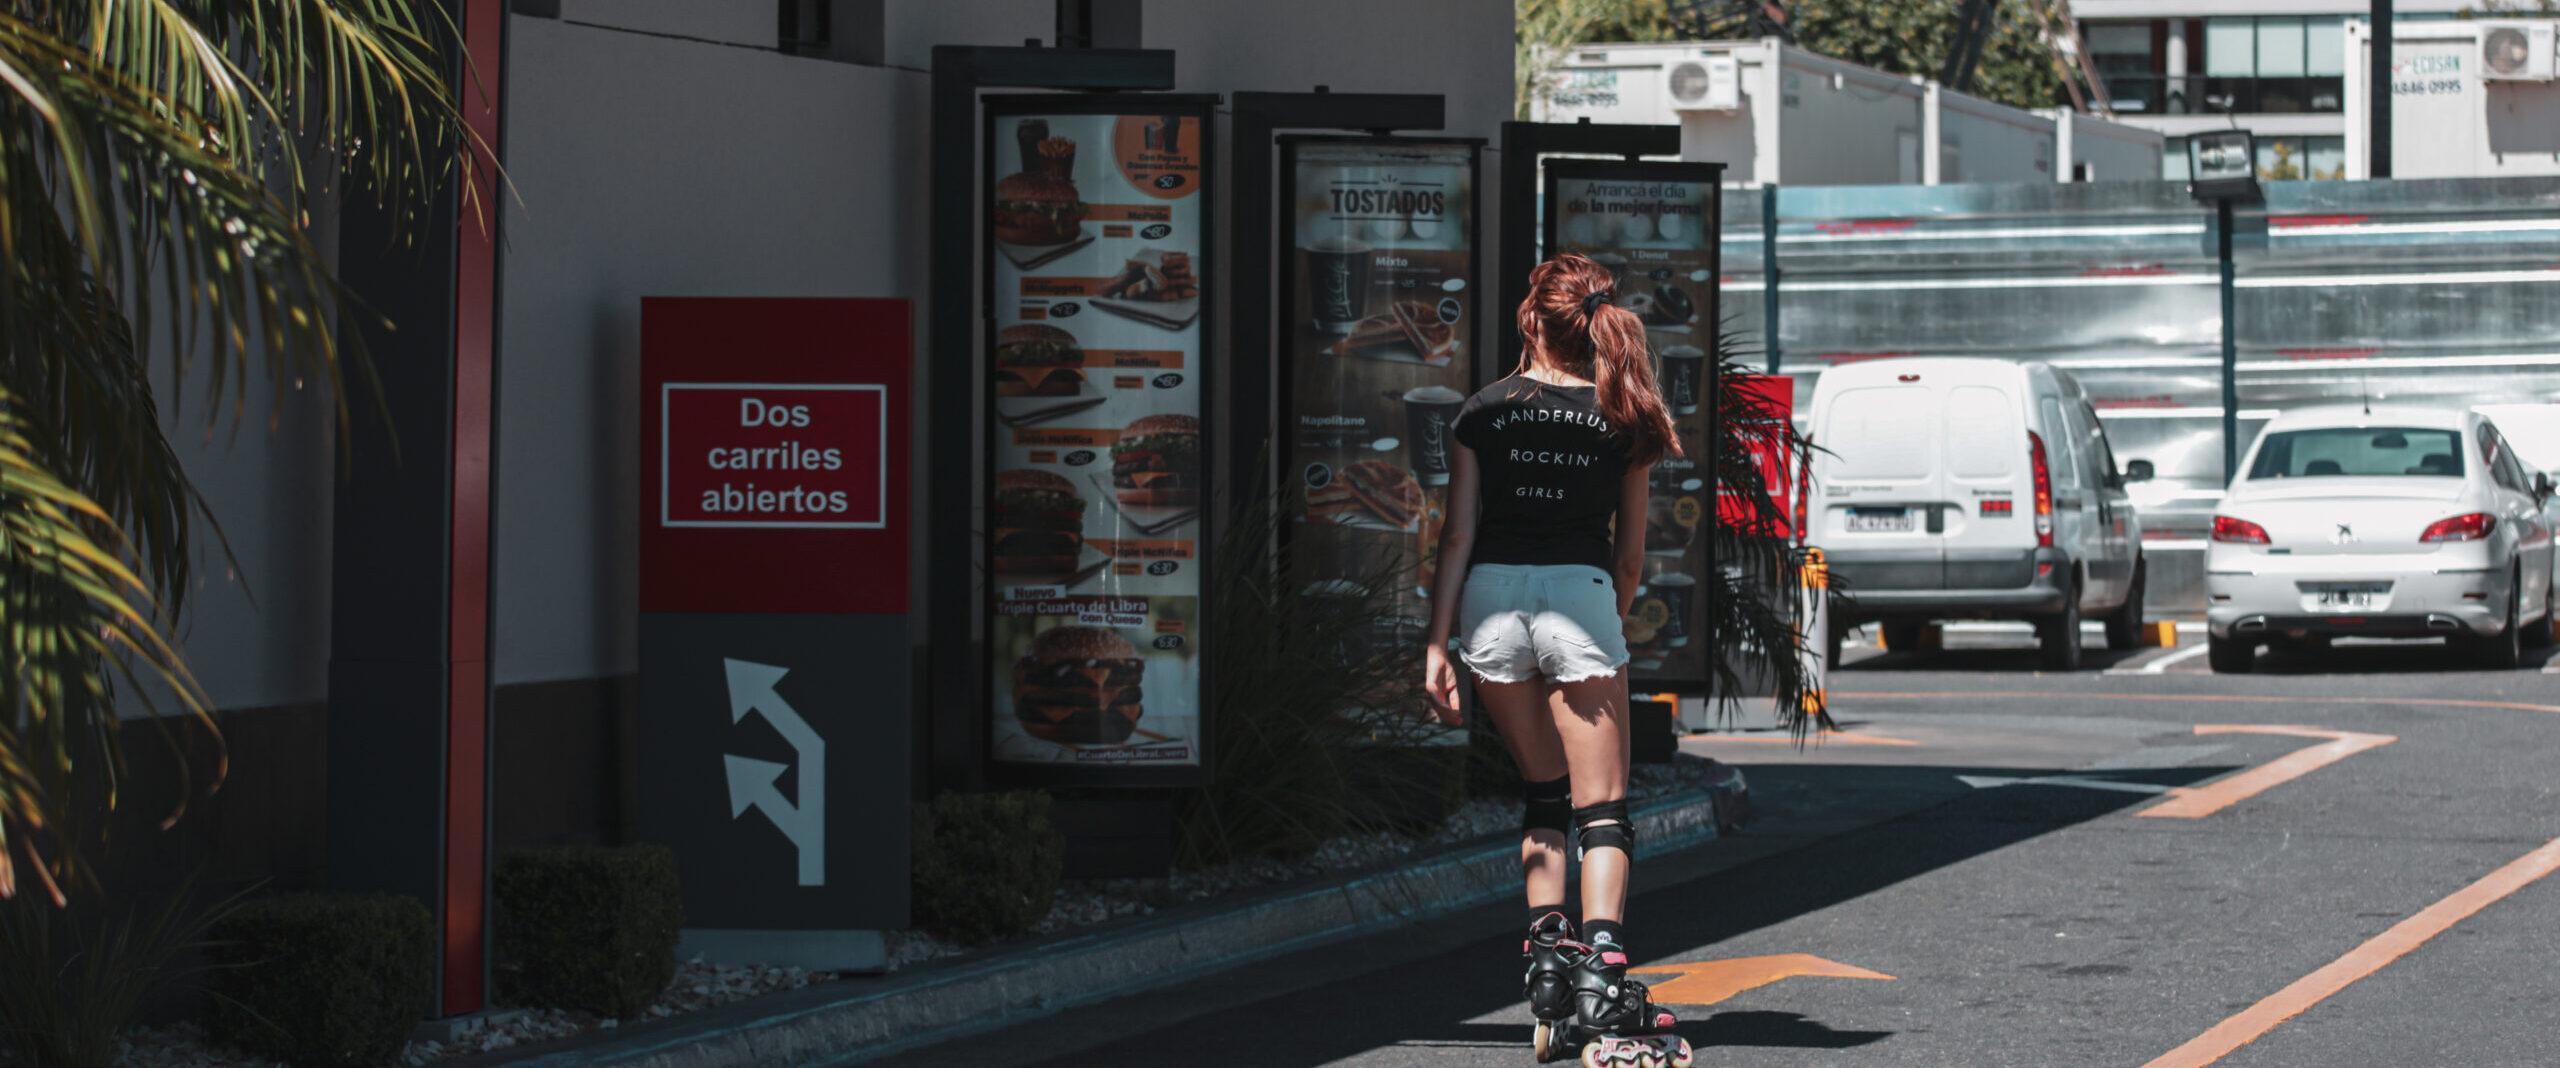 [Argentina] McDonald's celebra la Semana del AutoMac con promociones exclusivas